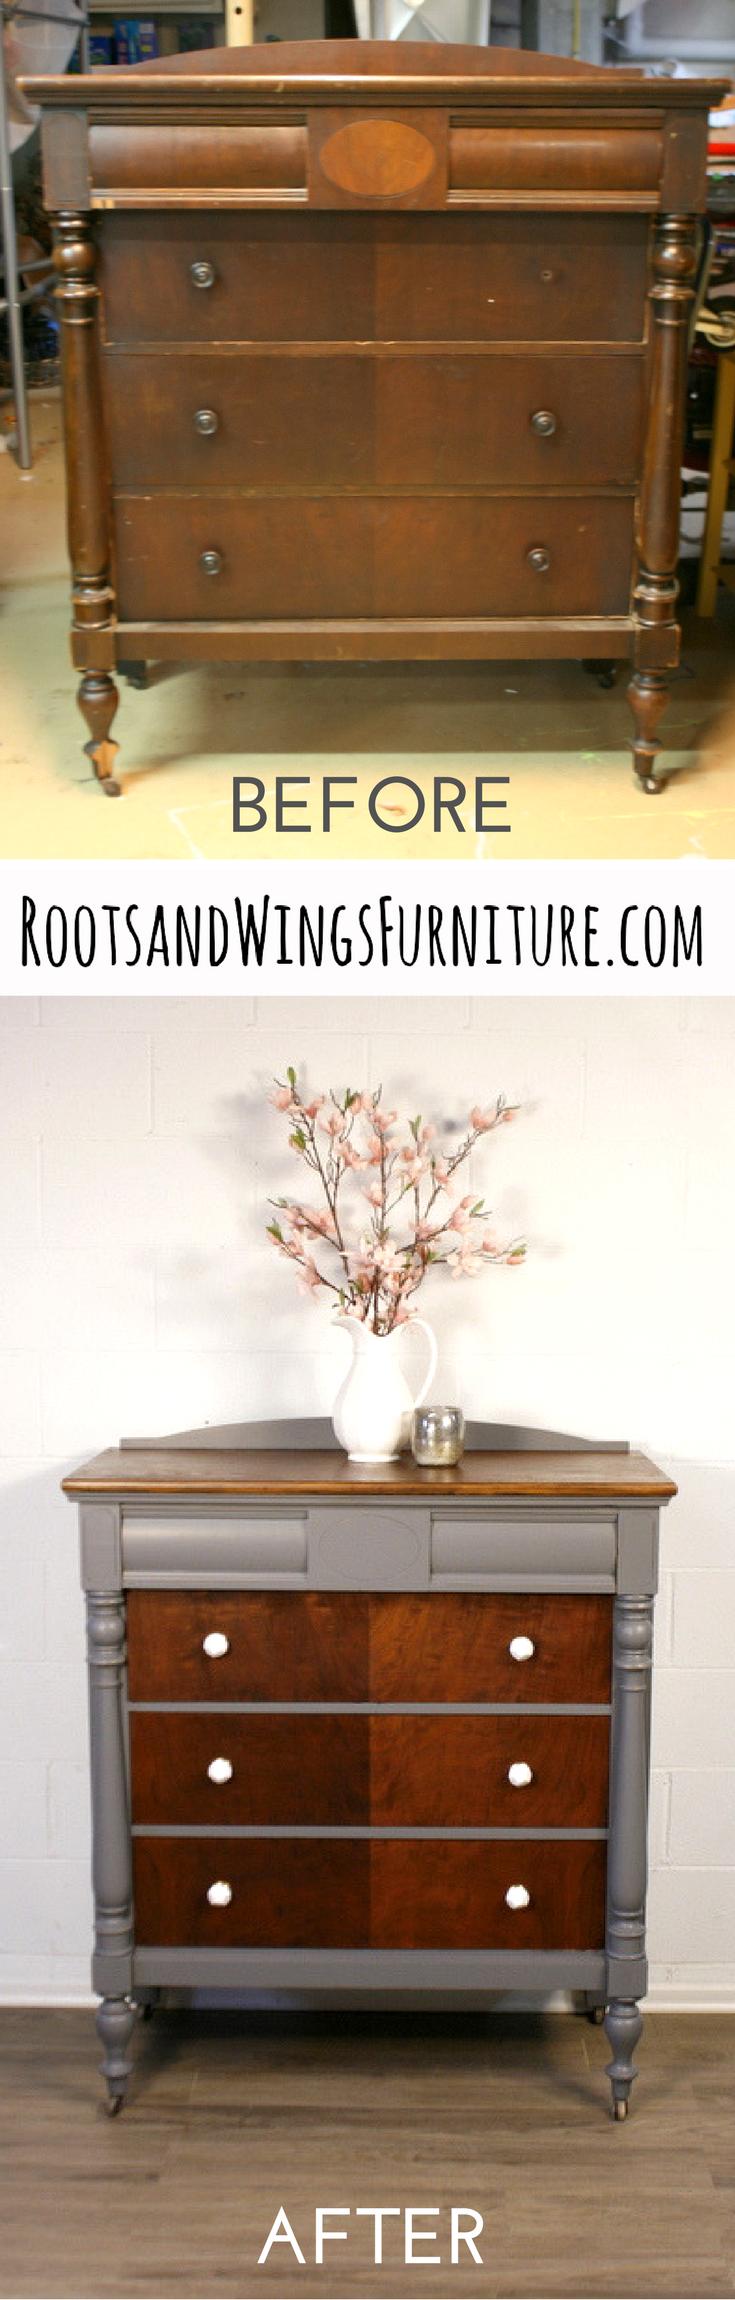 http://www.rootsandwingsfurniture.com/blog/driftwooddresser